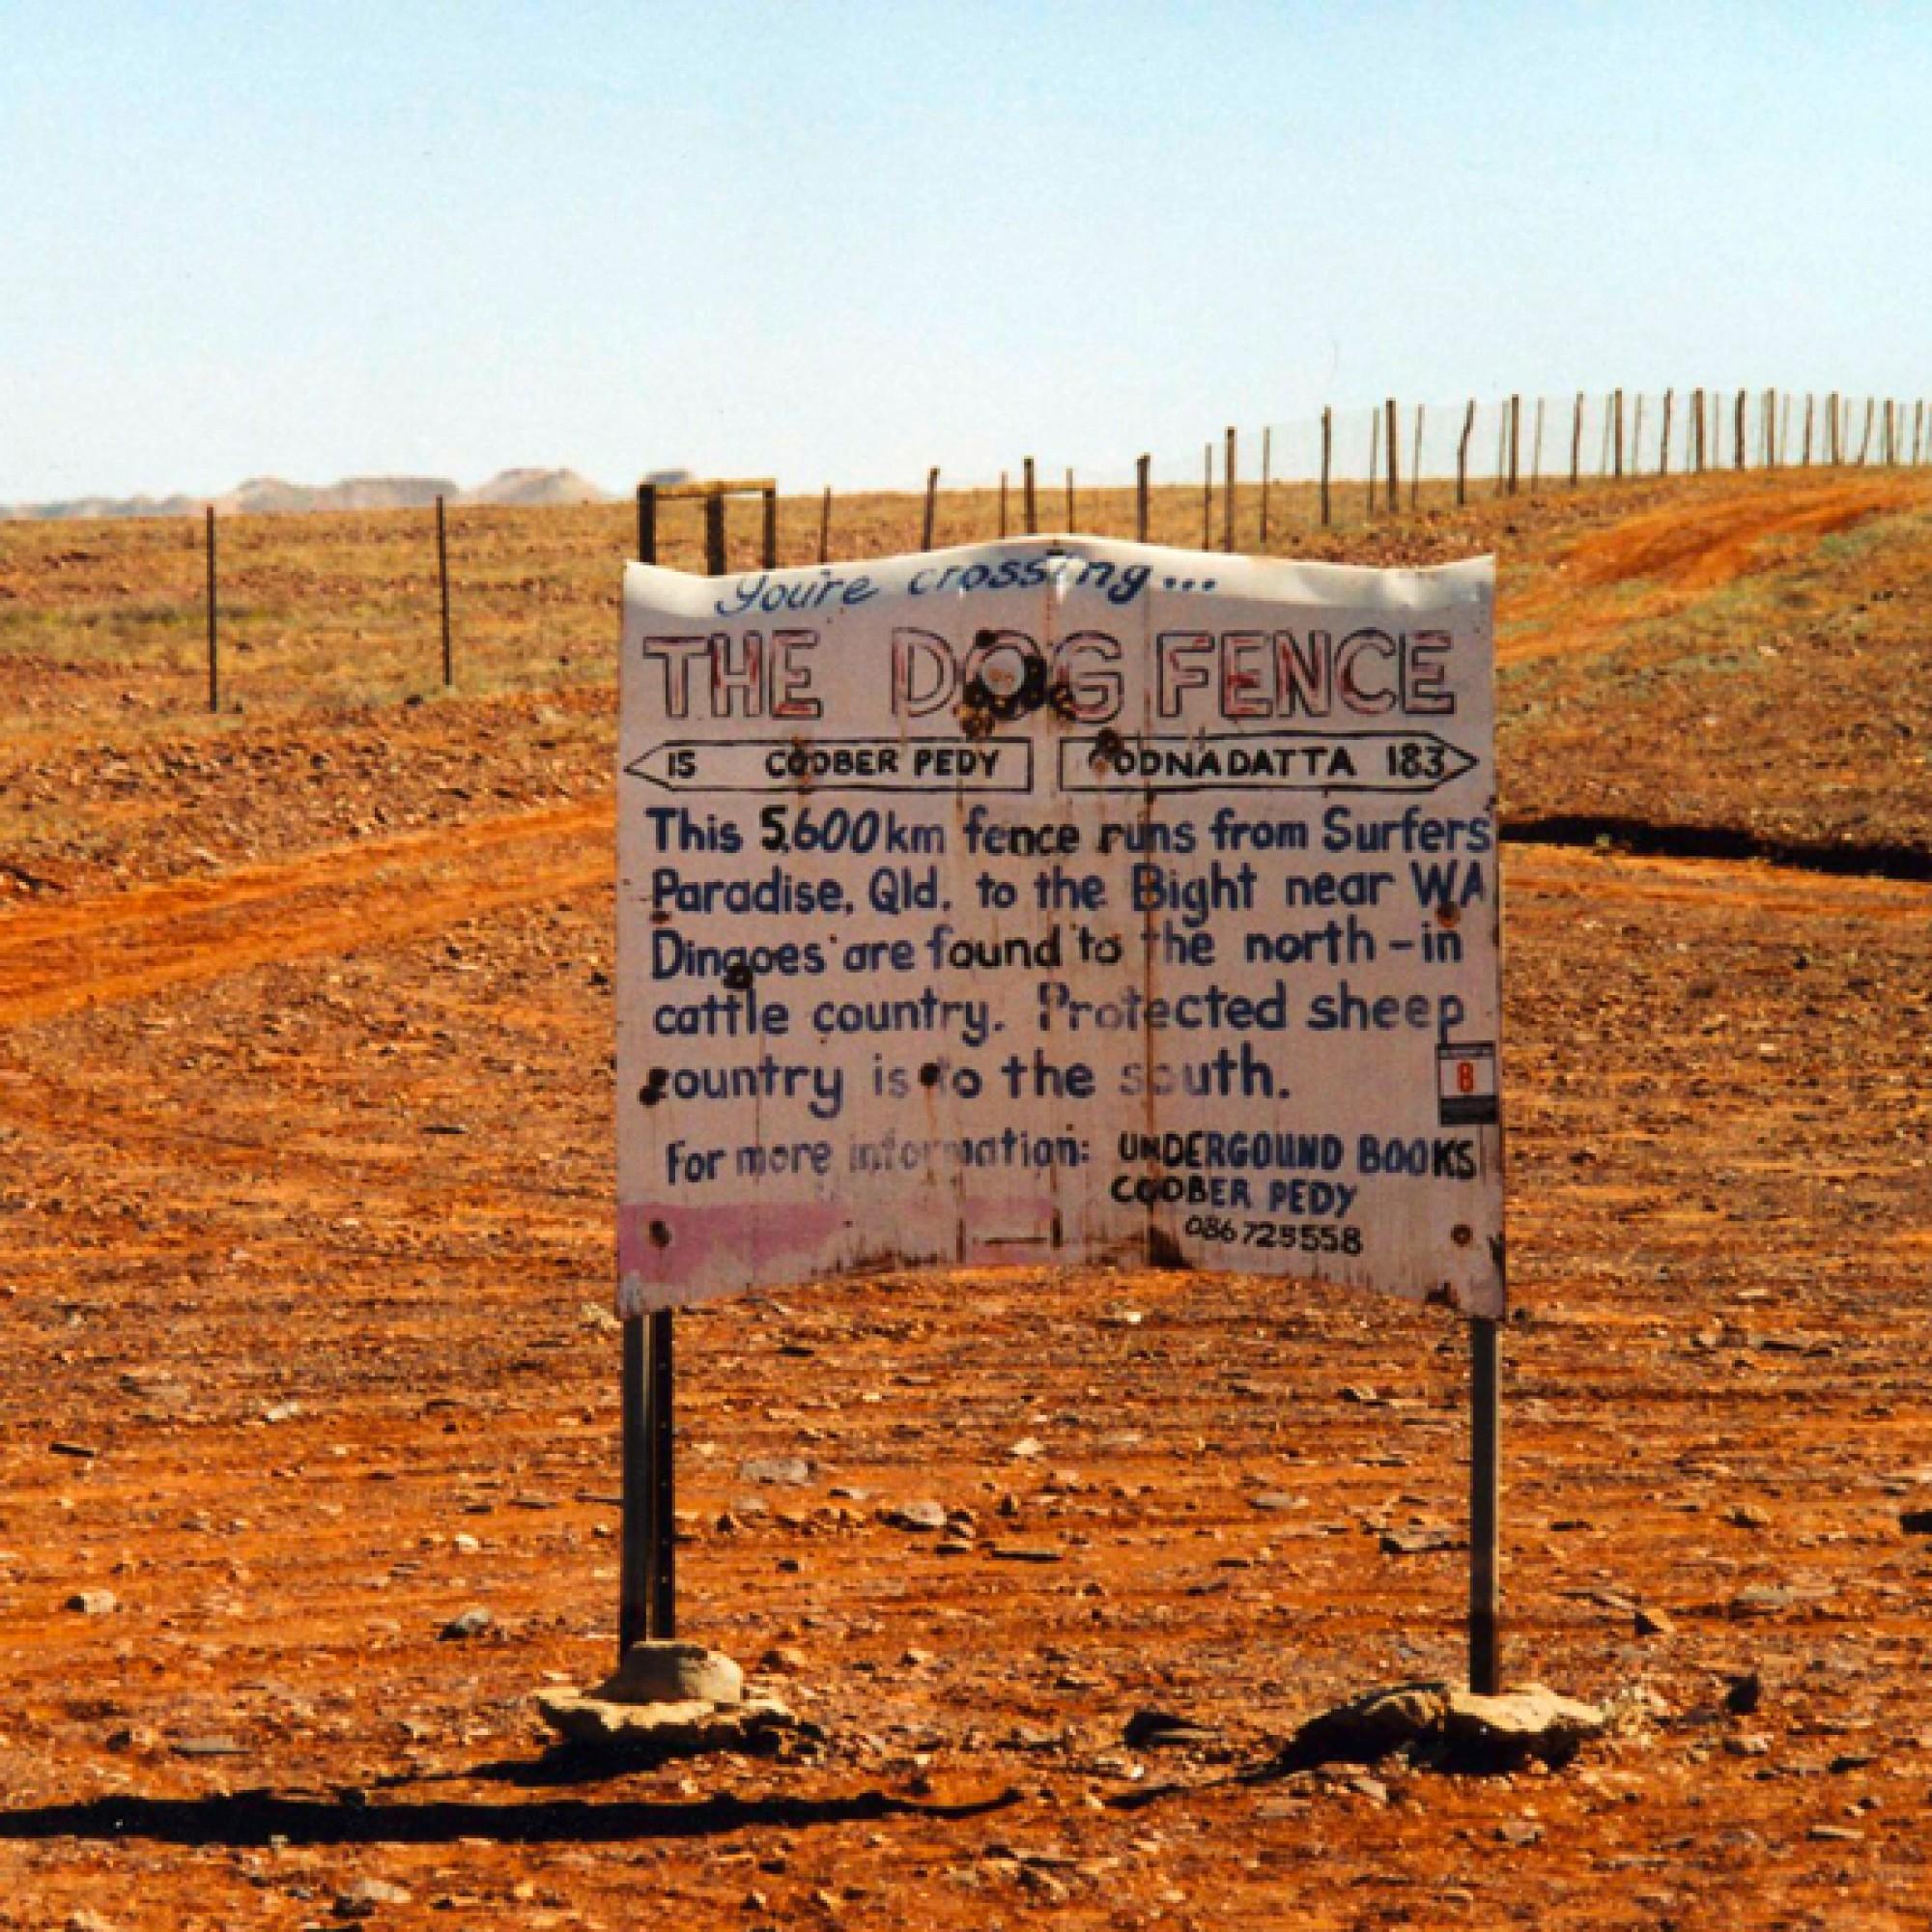 Die Dingo Fence gilt als längster Zaun der Welt. (Schutz, CC BY-SA 3.0, Wikimedia)